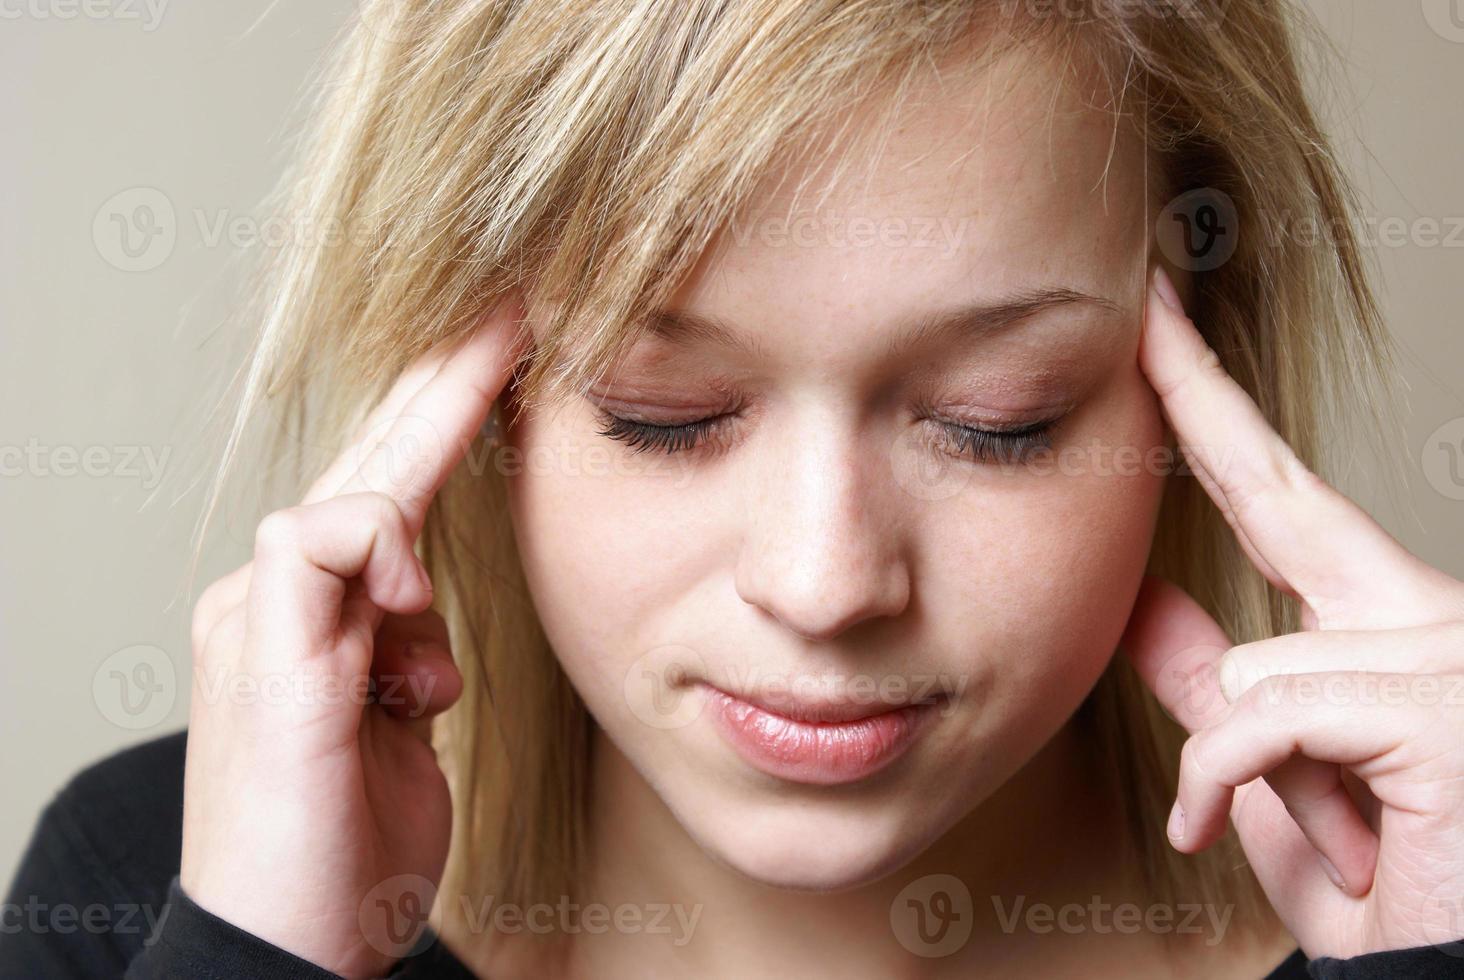 Kopfschmerzen foto